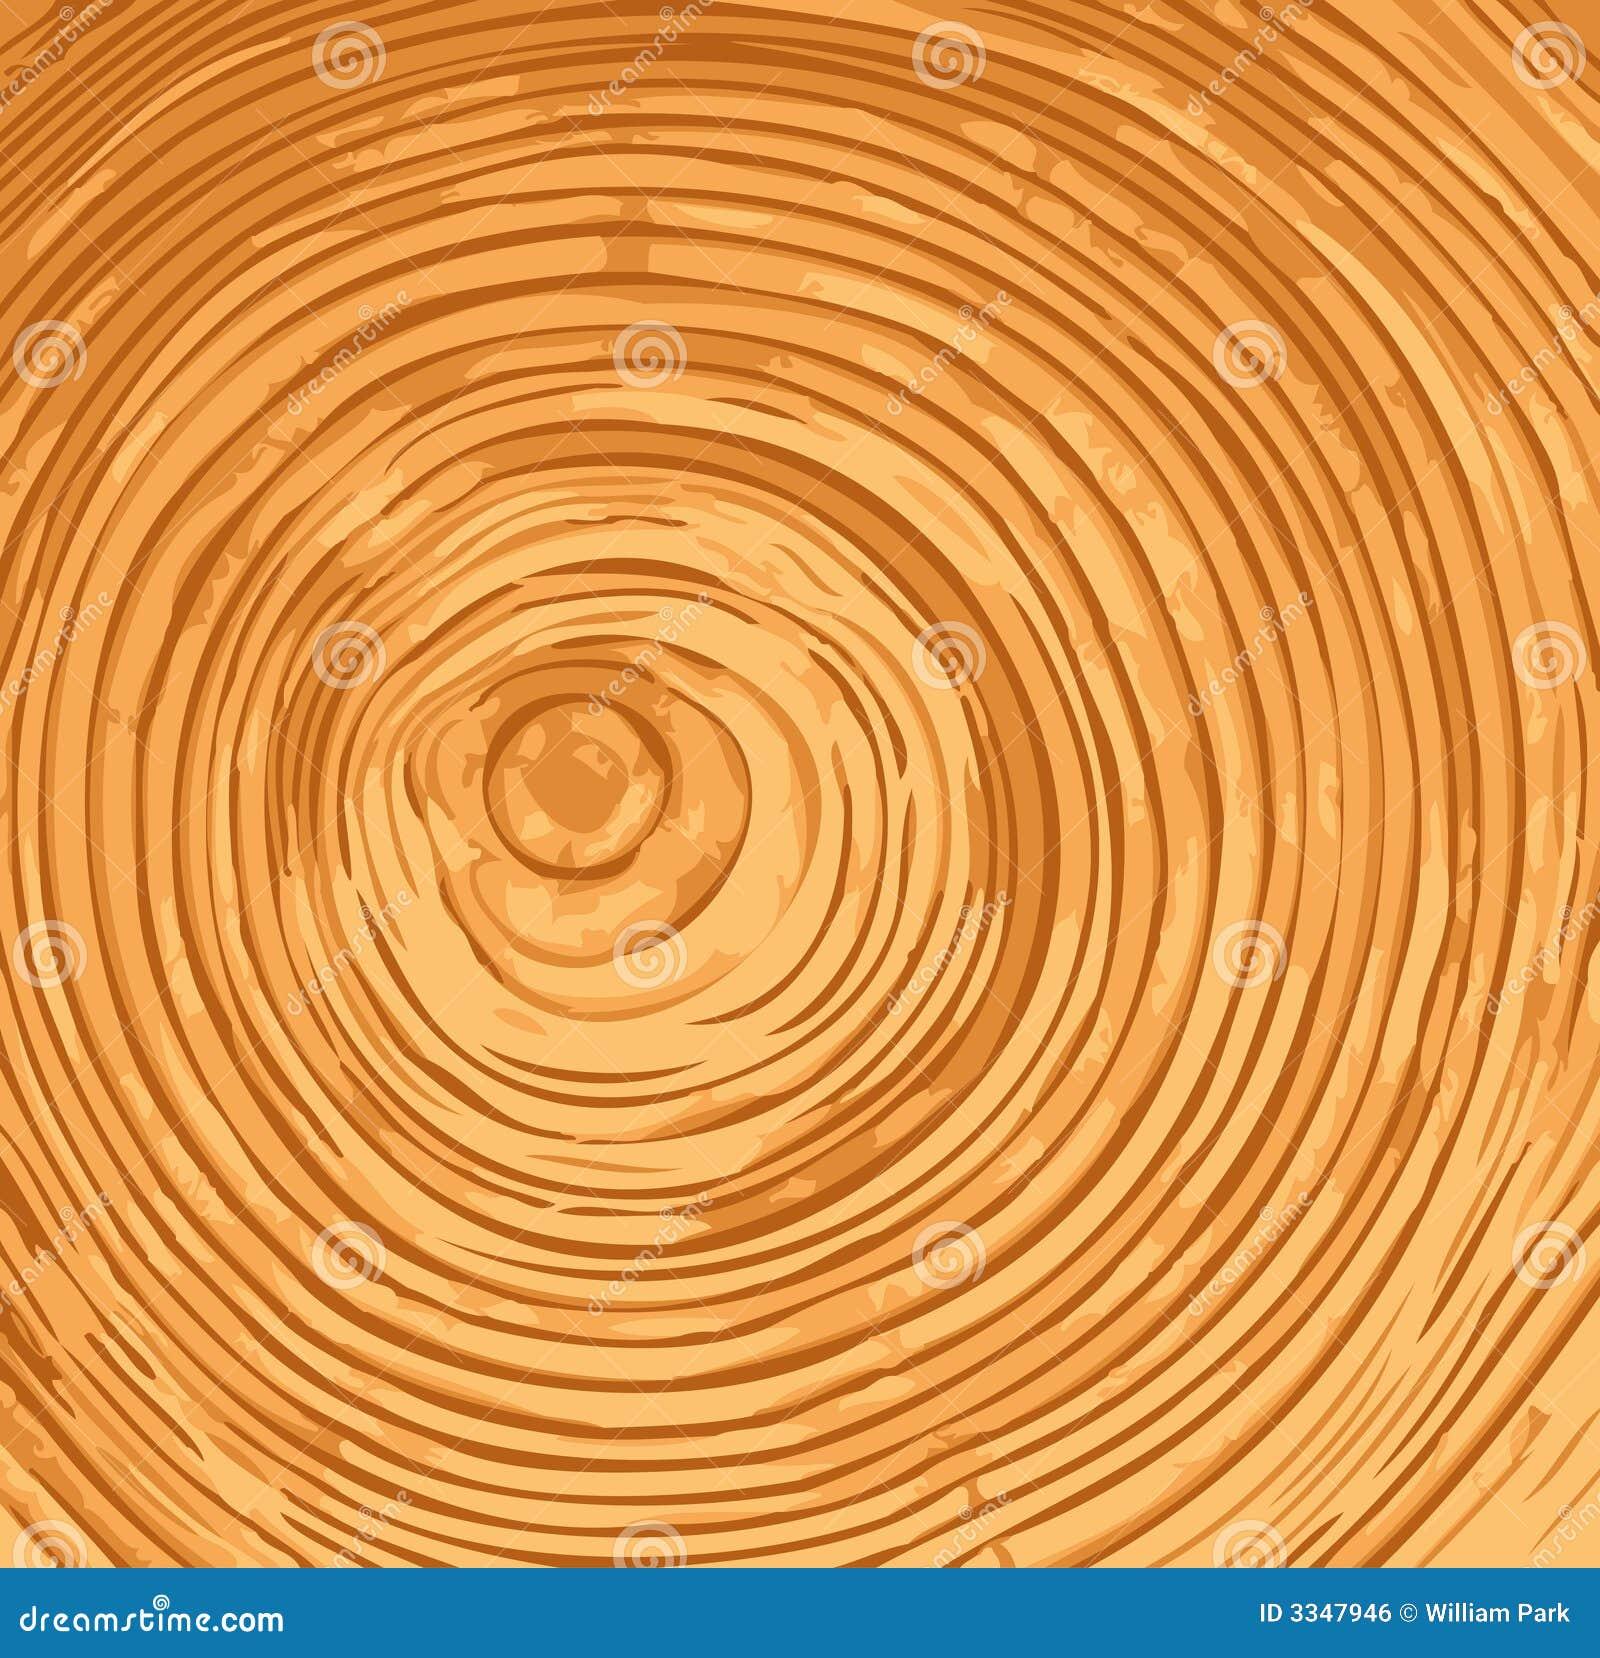 Counting Tree Rings Worksheet